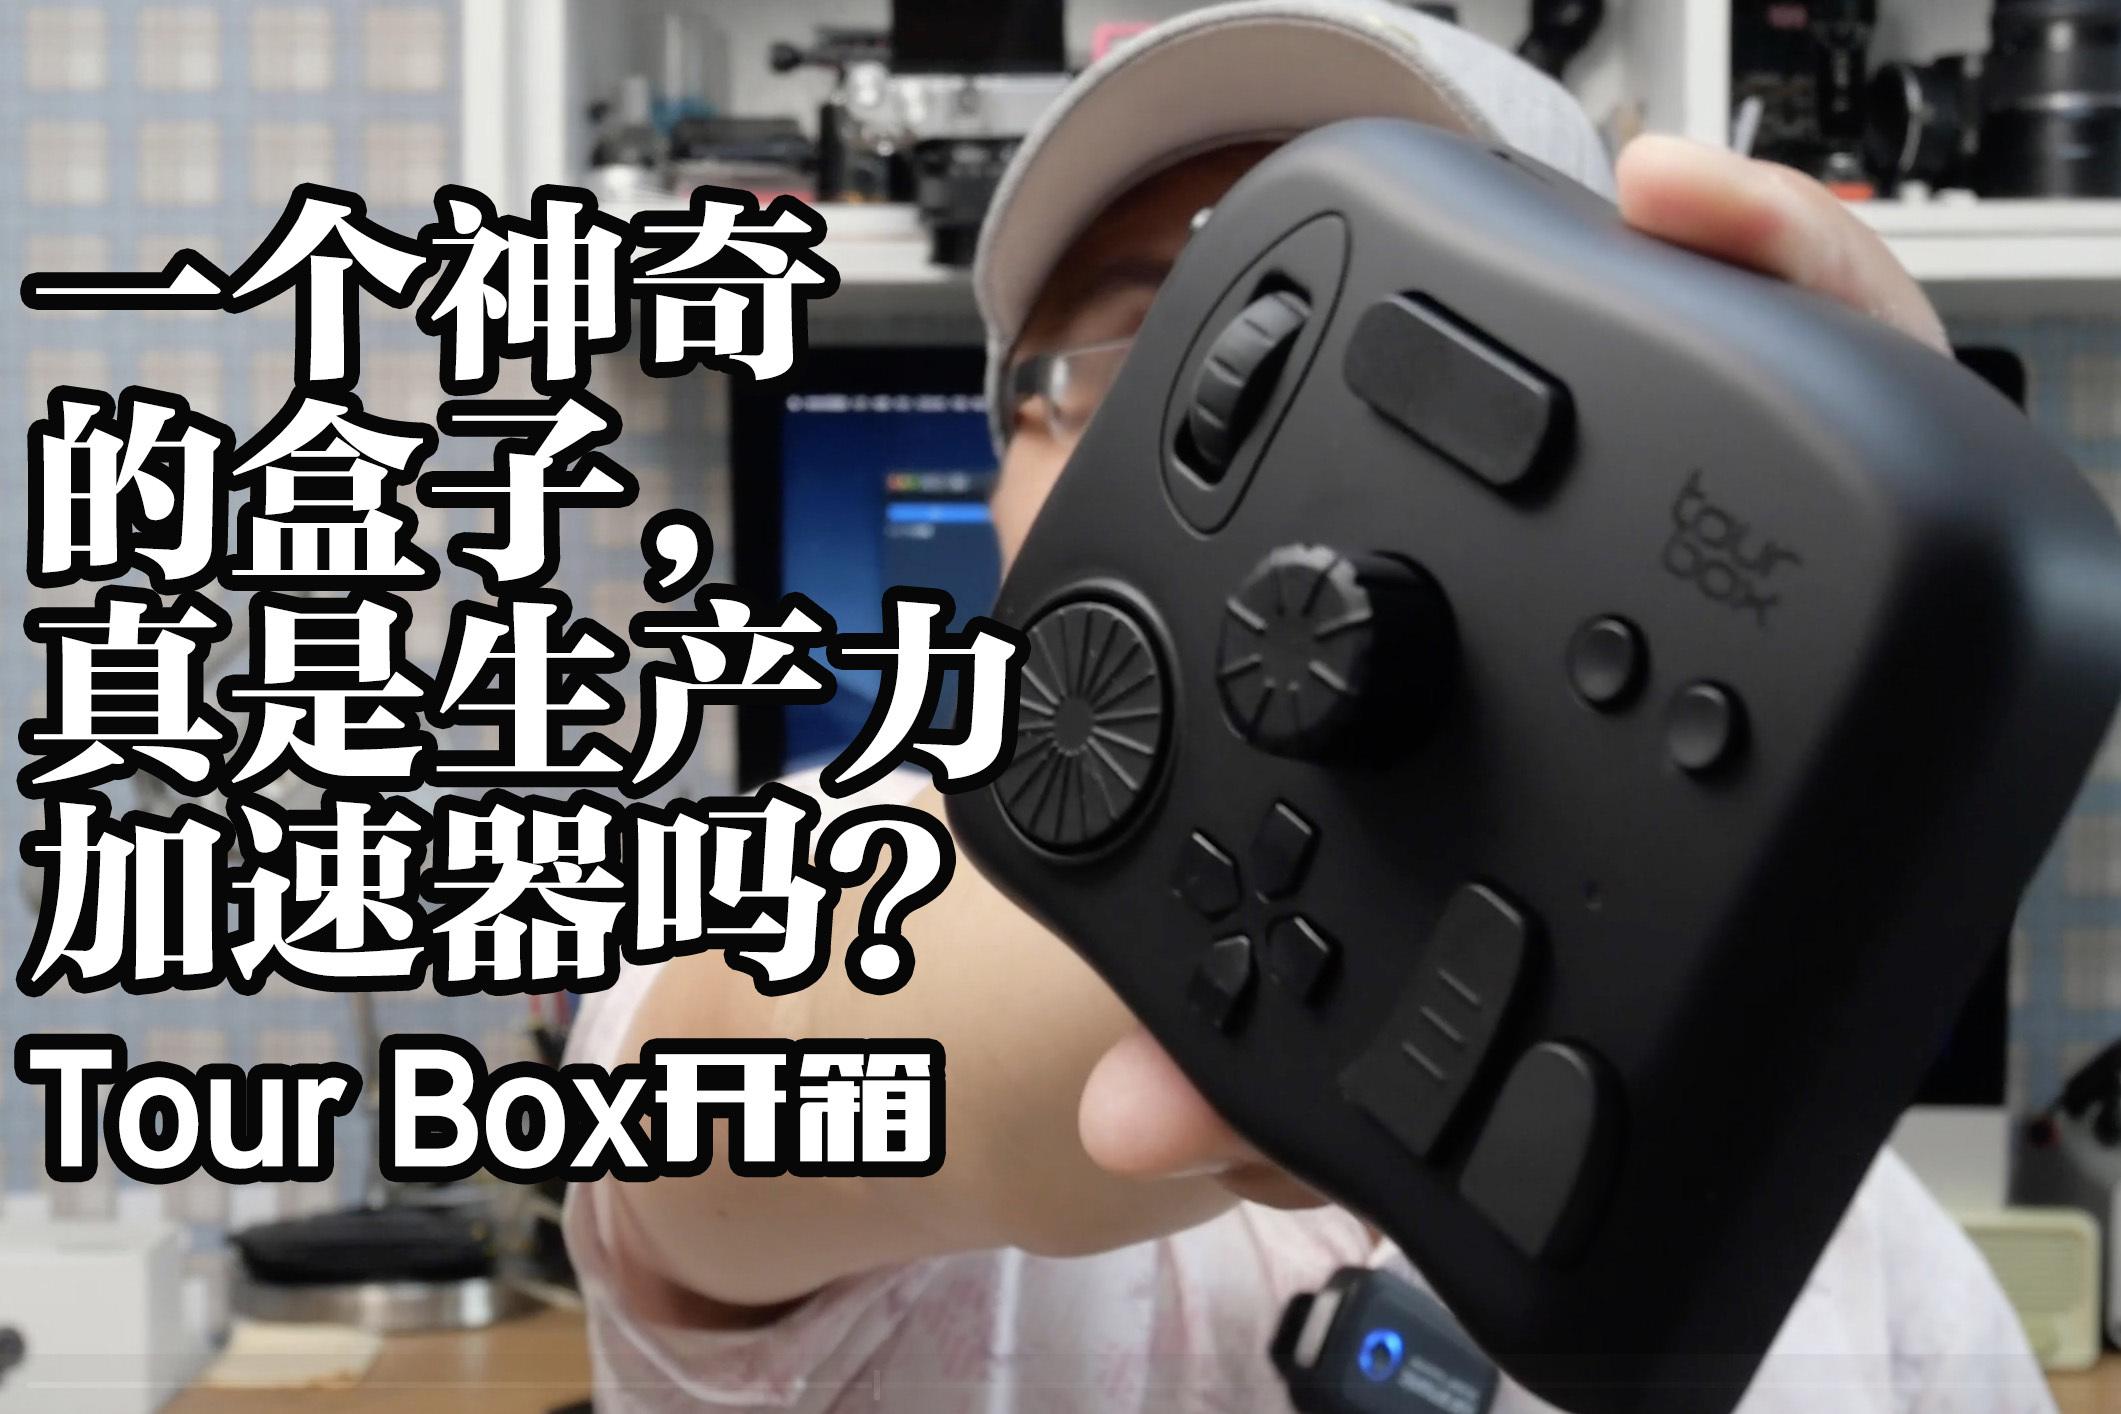 一个神奇的盒子,真是生产力加速器吗?